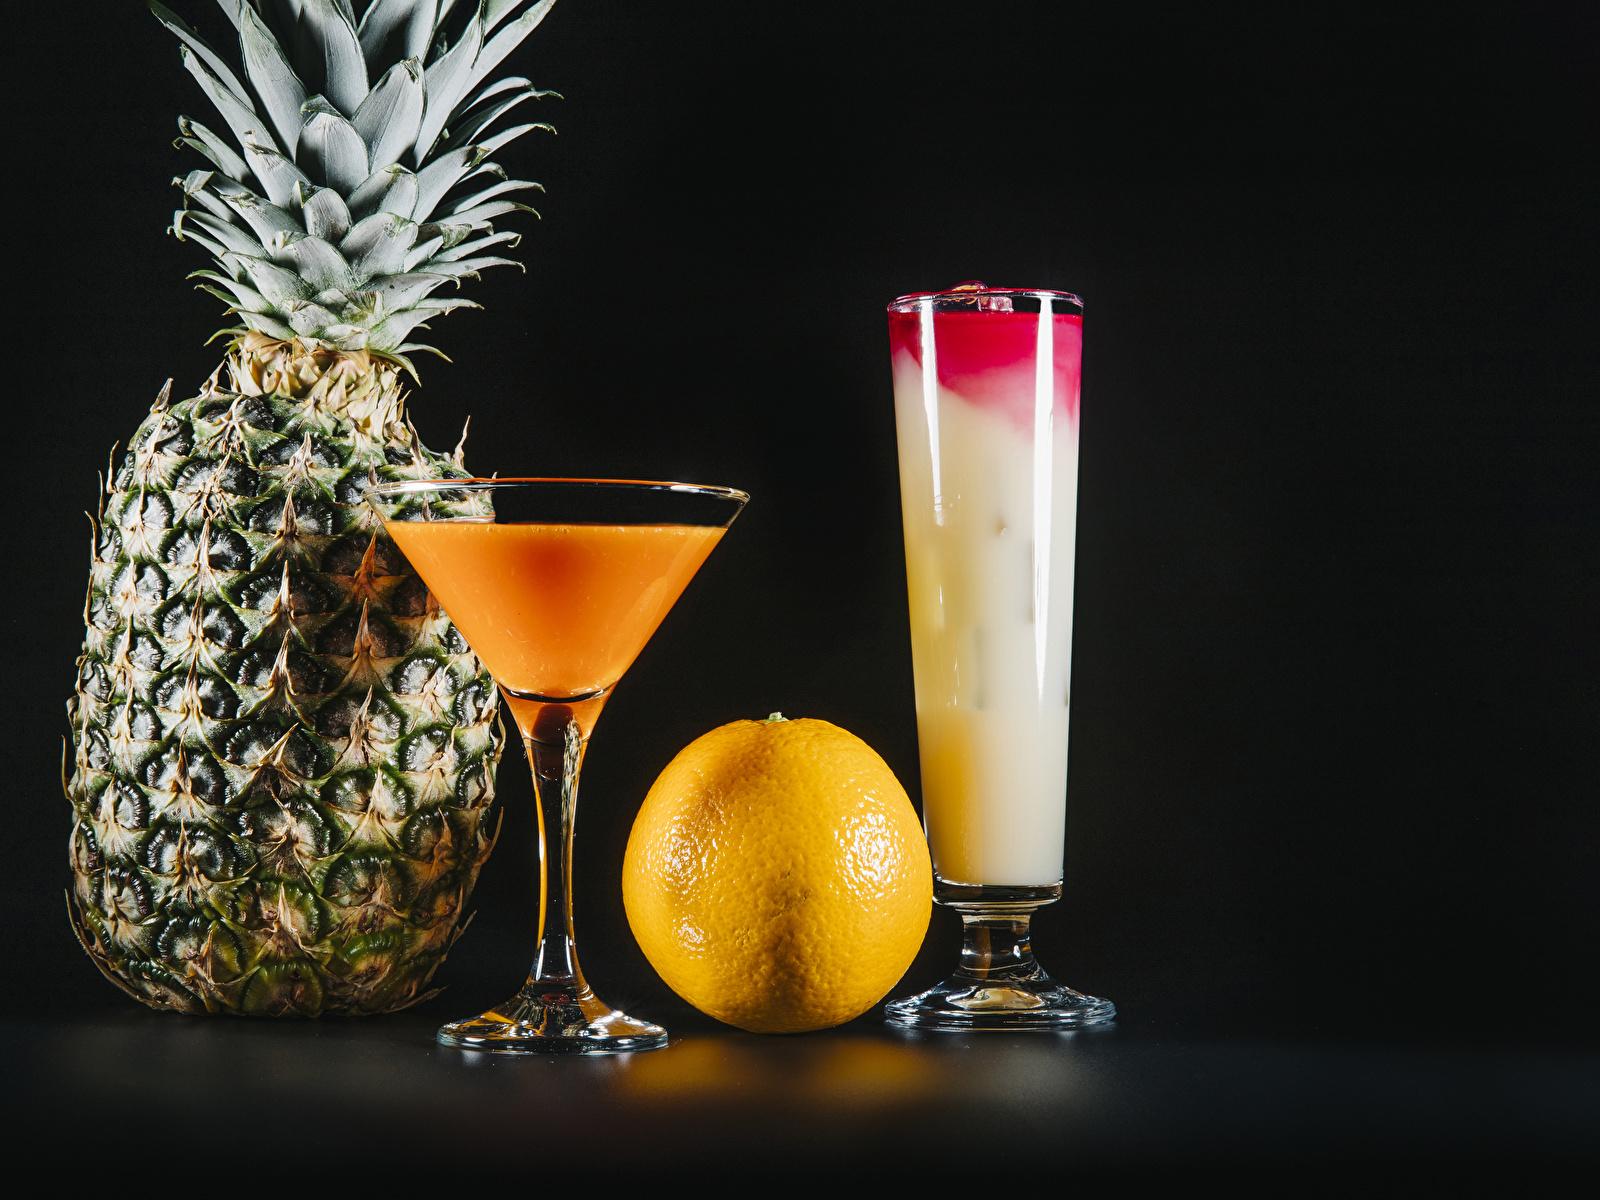 Фотография две Апельсин стакана Ананасы Еда бокал Коктейль на черном фоне 1600x1200 2 два Двое вдвоем Стакан стакане Пища Бокалы Продукты питания Черный фон